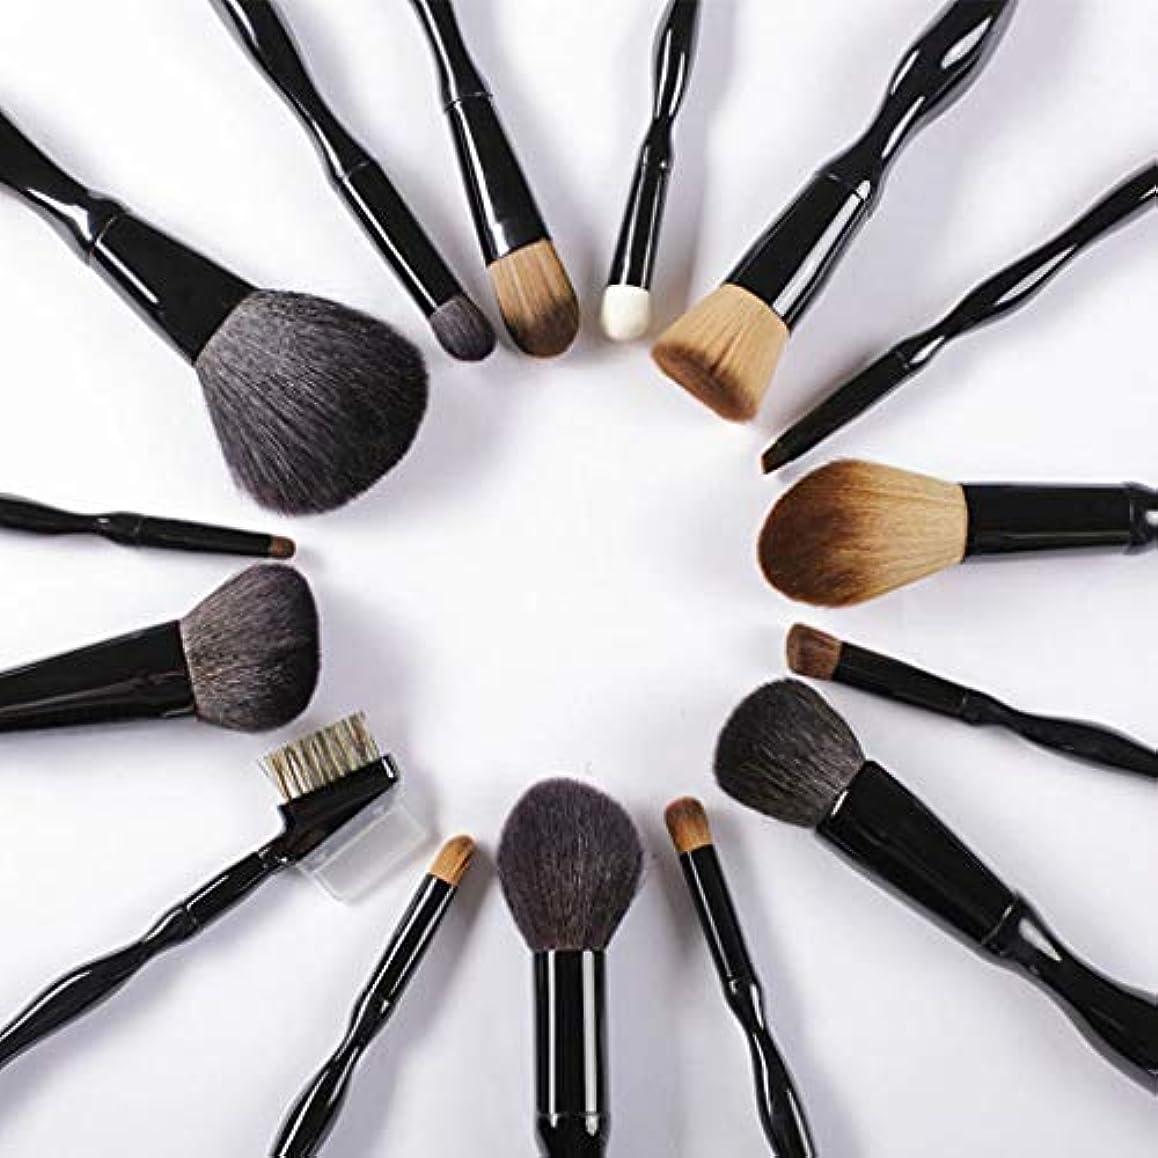 それエミュレーショングリット15化粧ブラシボディカーブファンデーションブラシ化粧ブラシ美容ツール